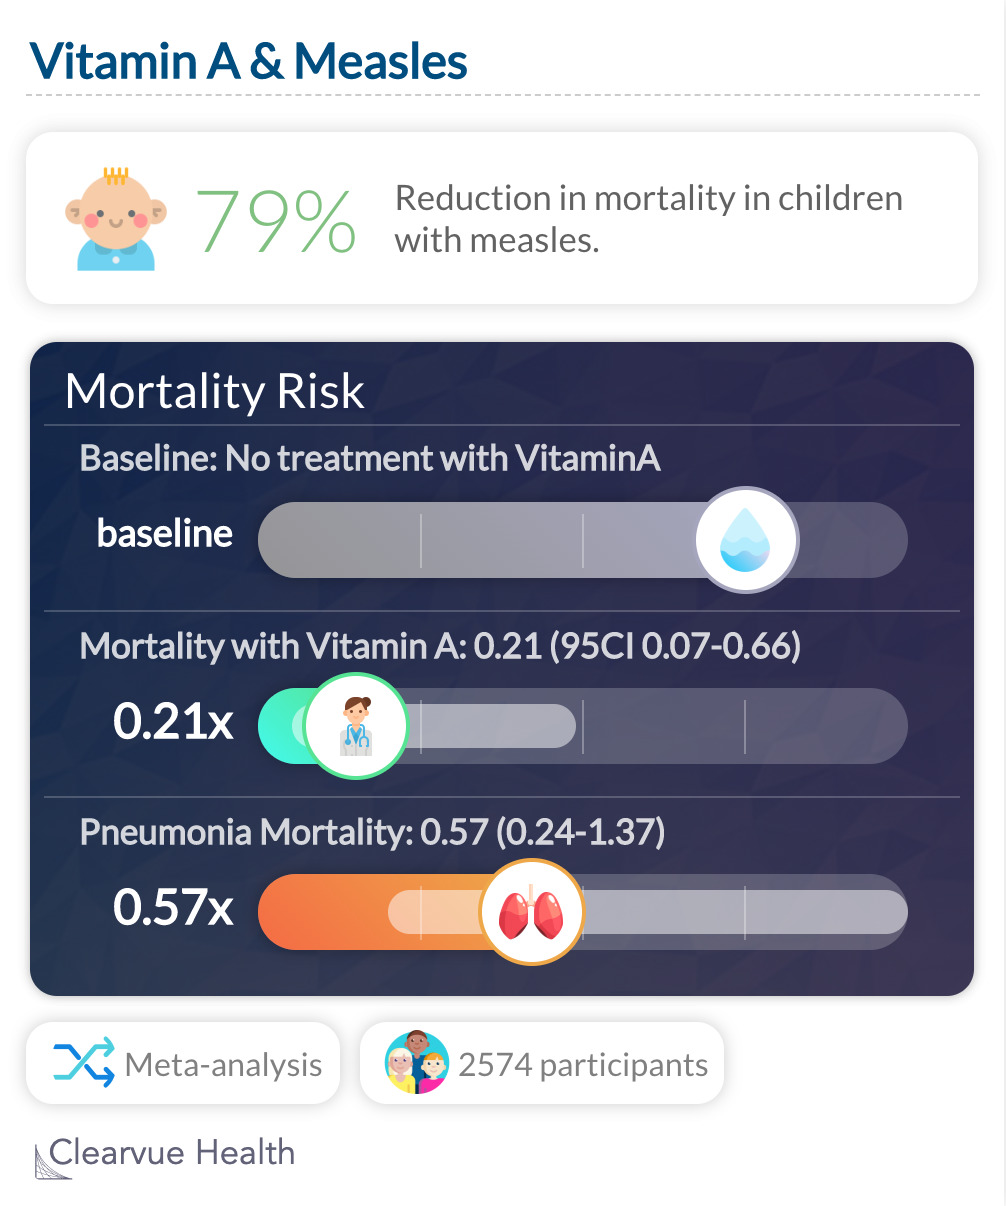 Vitamin A & Measles